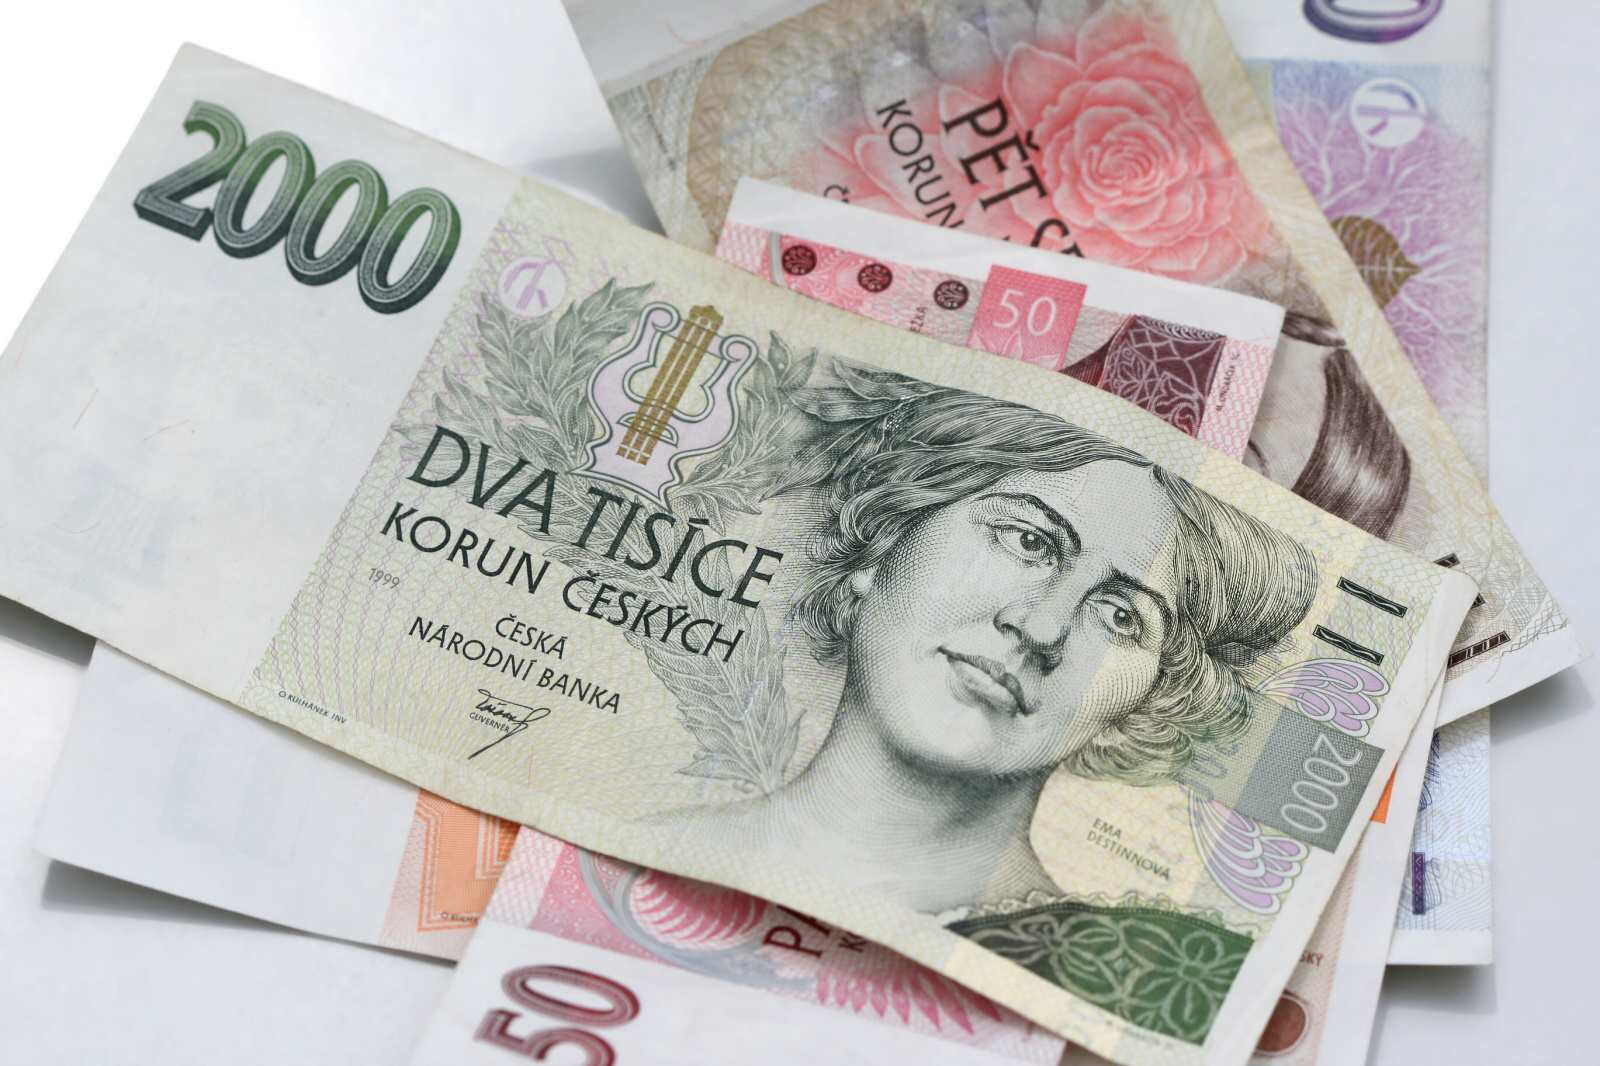 Půjčit si můžete minimálně 500 Kč a maximálně 10 000 Kč, doba splatnosti se pohybuje v rozmezí od 7 dní až po 45 dní.